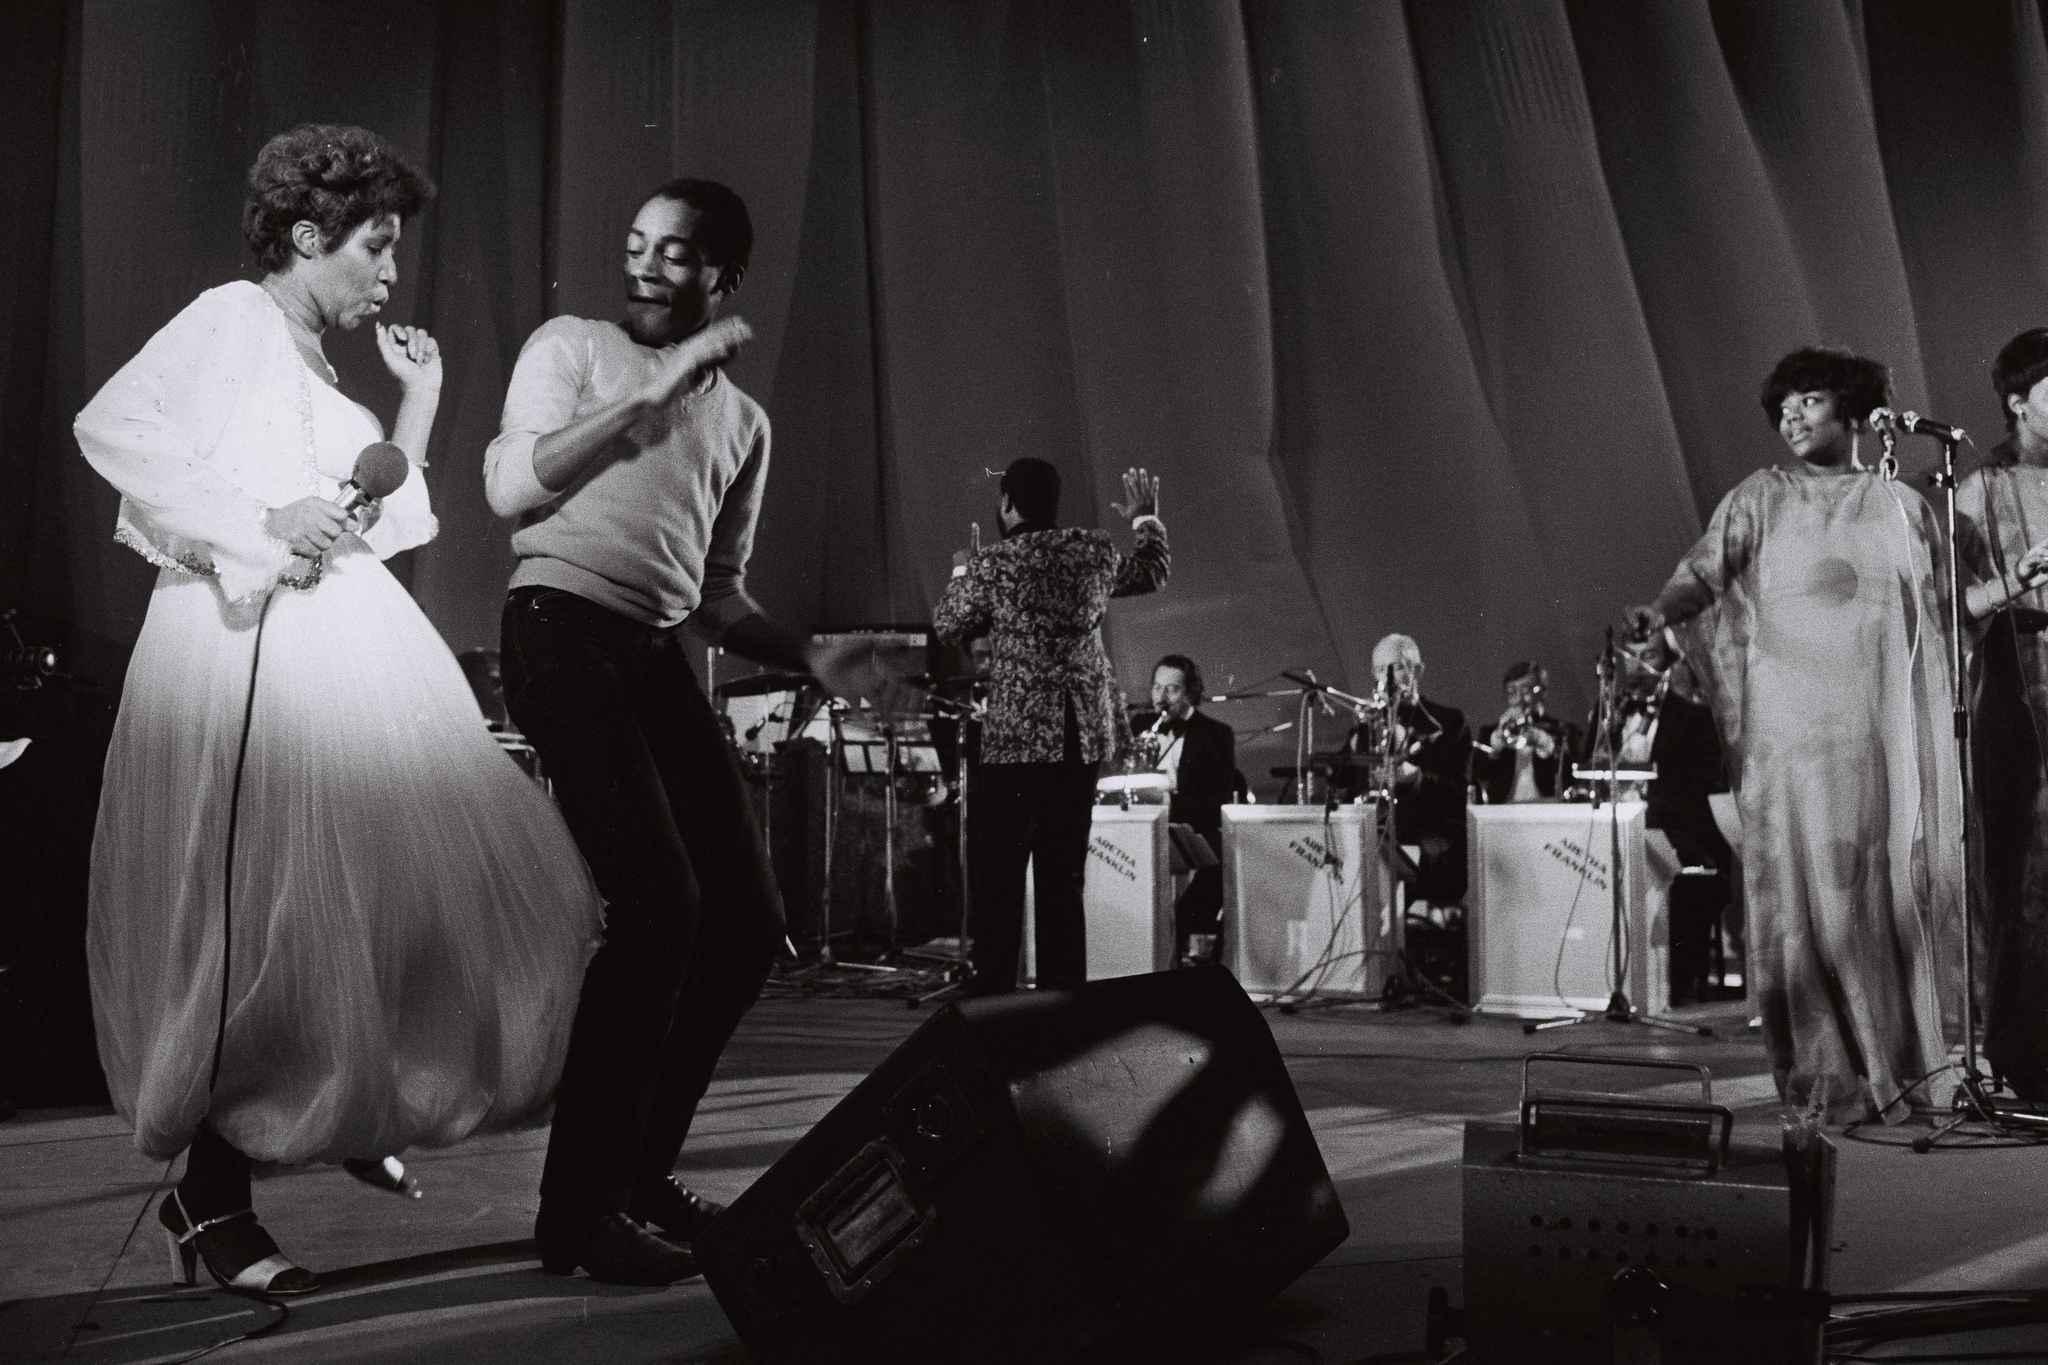 Aretha Franklin en concert au palais des sports Paris le 28 novembre 1977.